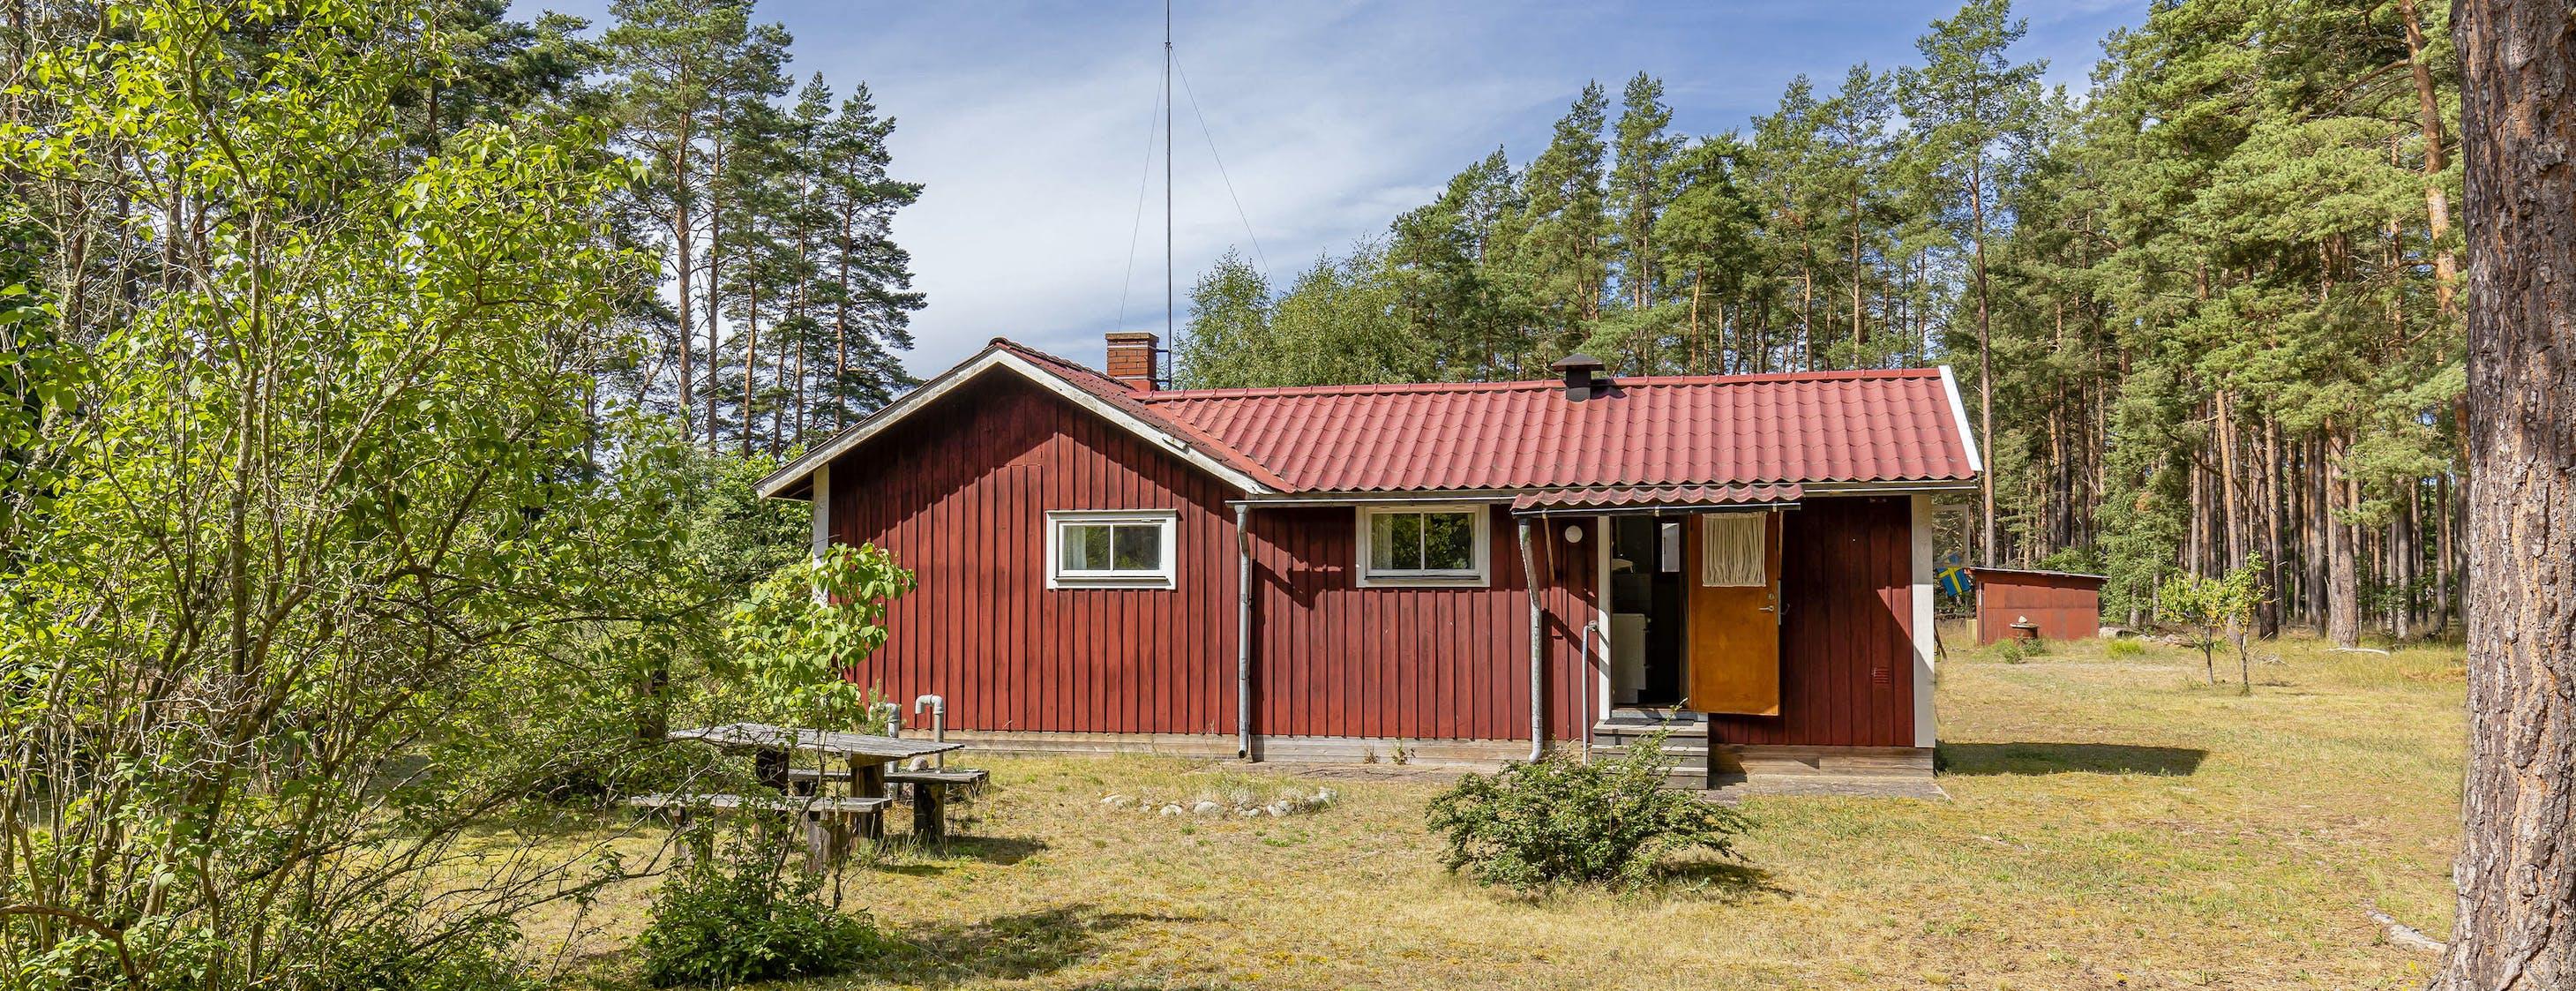 Gaxa skoggata 10 Ranstad/Löttorp